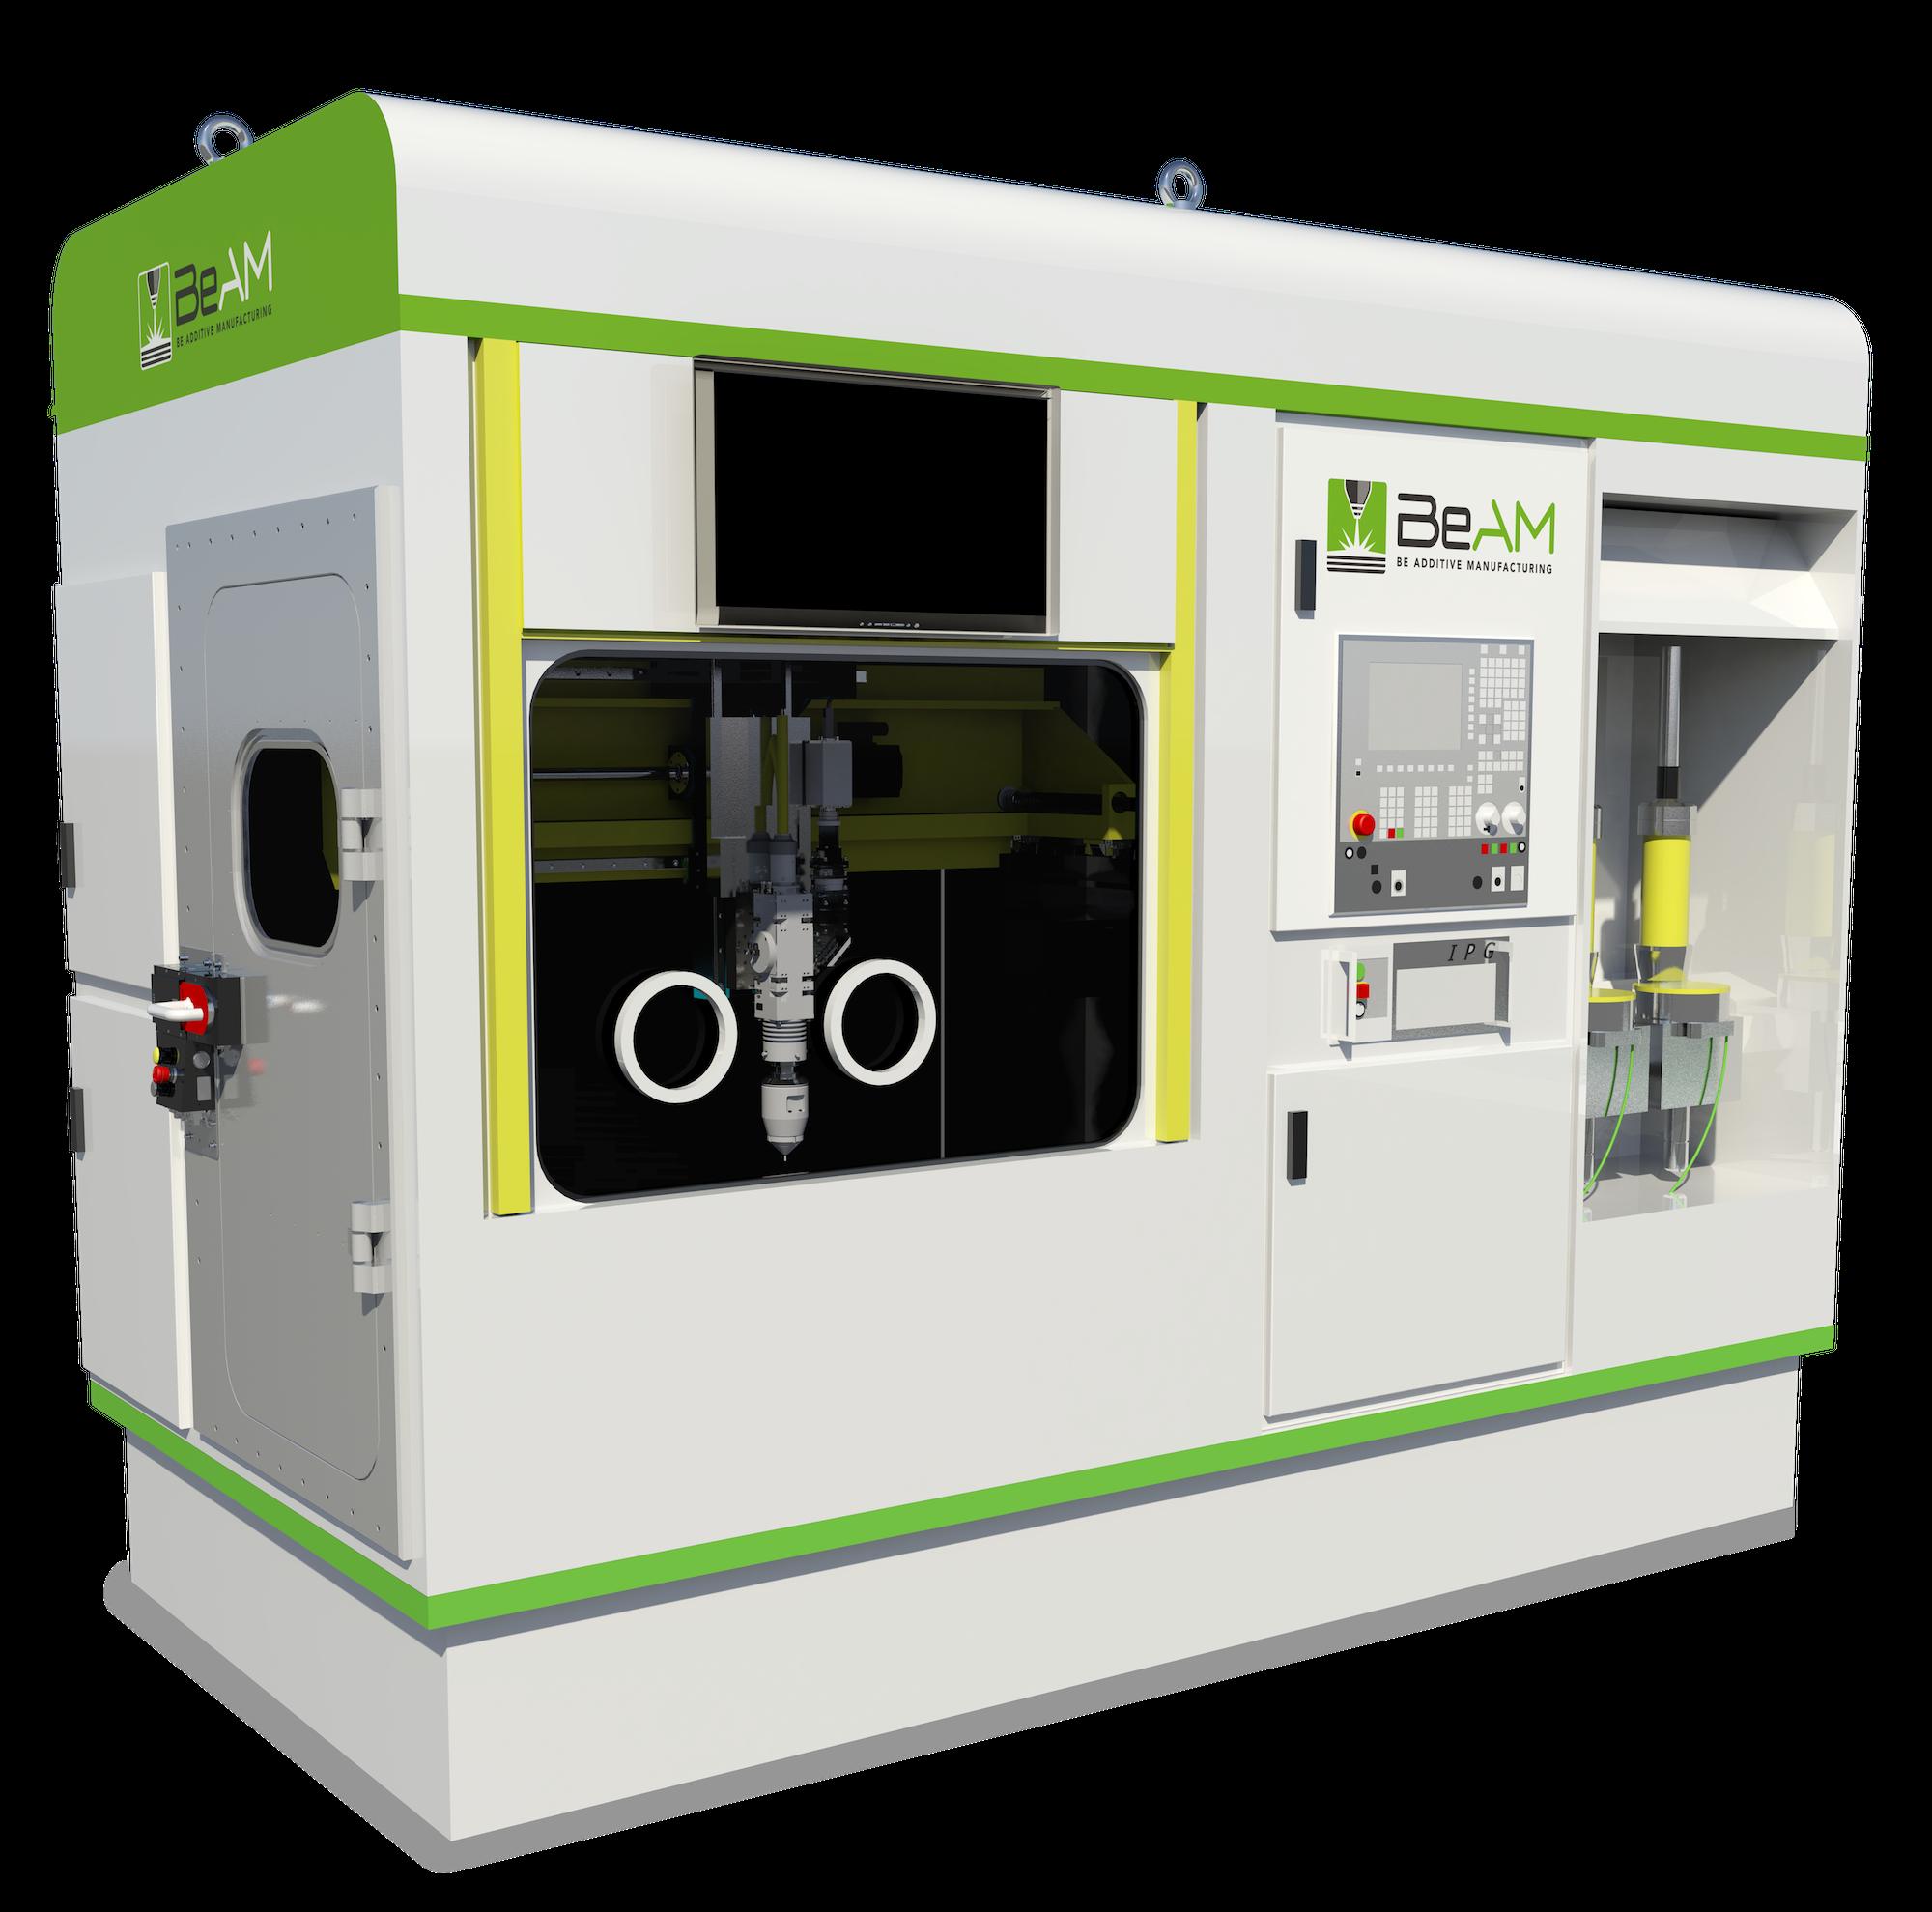 Beam Modulo 3d printer - In Kürze: Ackuretta Diplo DLP-Drucker, BigRep STUDIO Serienproduktion, BeAM Technologies